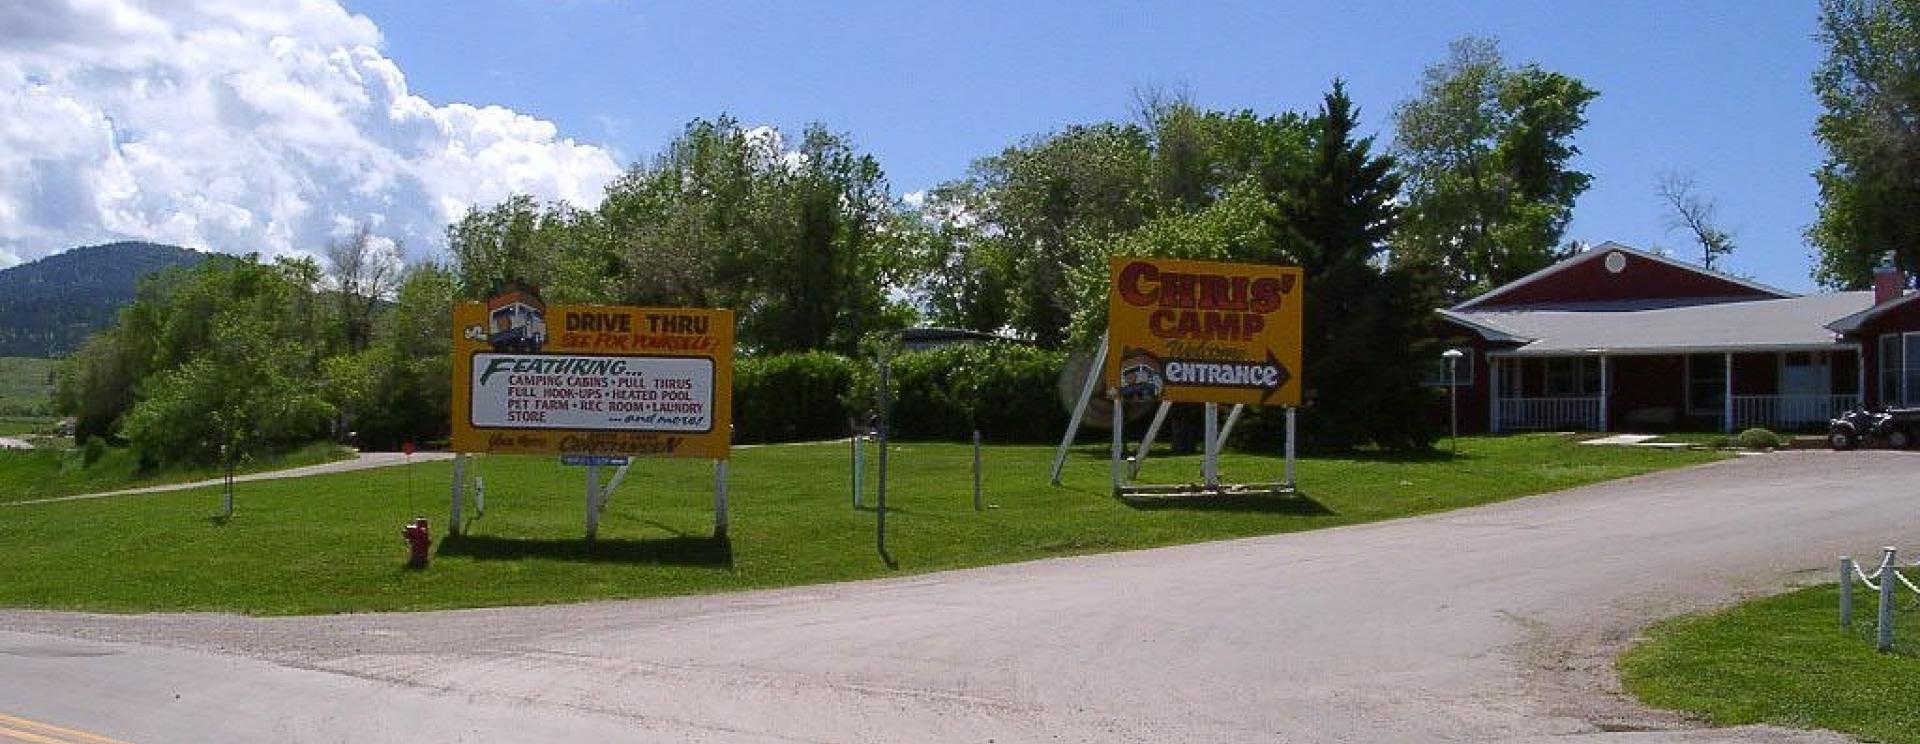 Chris' Campground & RV Park